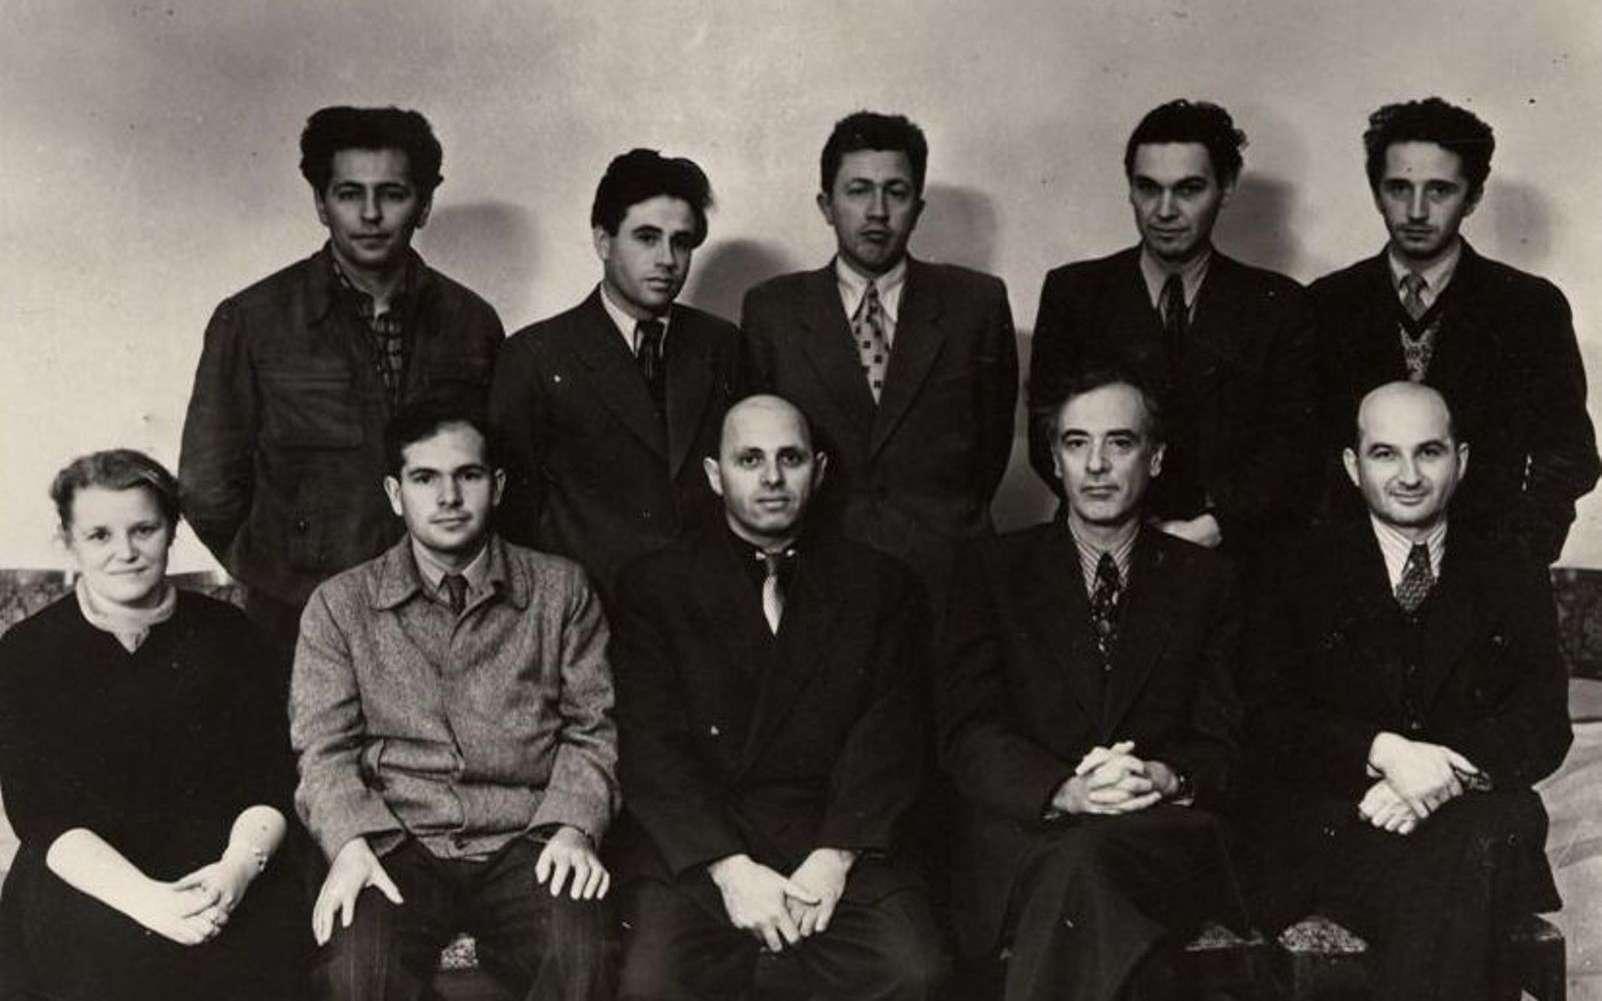 Quelques physiciens célèbres de l'école russe. En haut, de gauche à droite : Gershtein, Pitaevskil, Arkhipov, Dzyaloshinskil. En bas, de gauche à droite : Prozorova, Aleksei Abrikosov, Khalatnikov, Lev Davidovich Landau, Evgeni Mikhailovich Lifchitz. © AIP